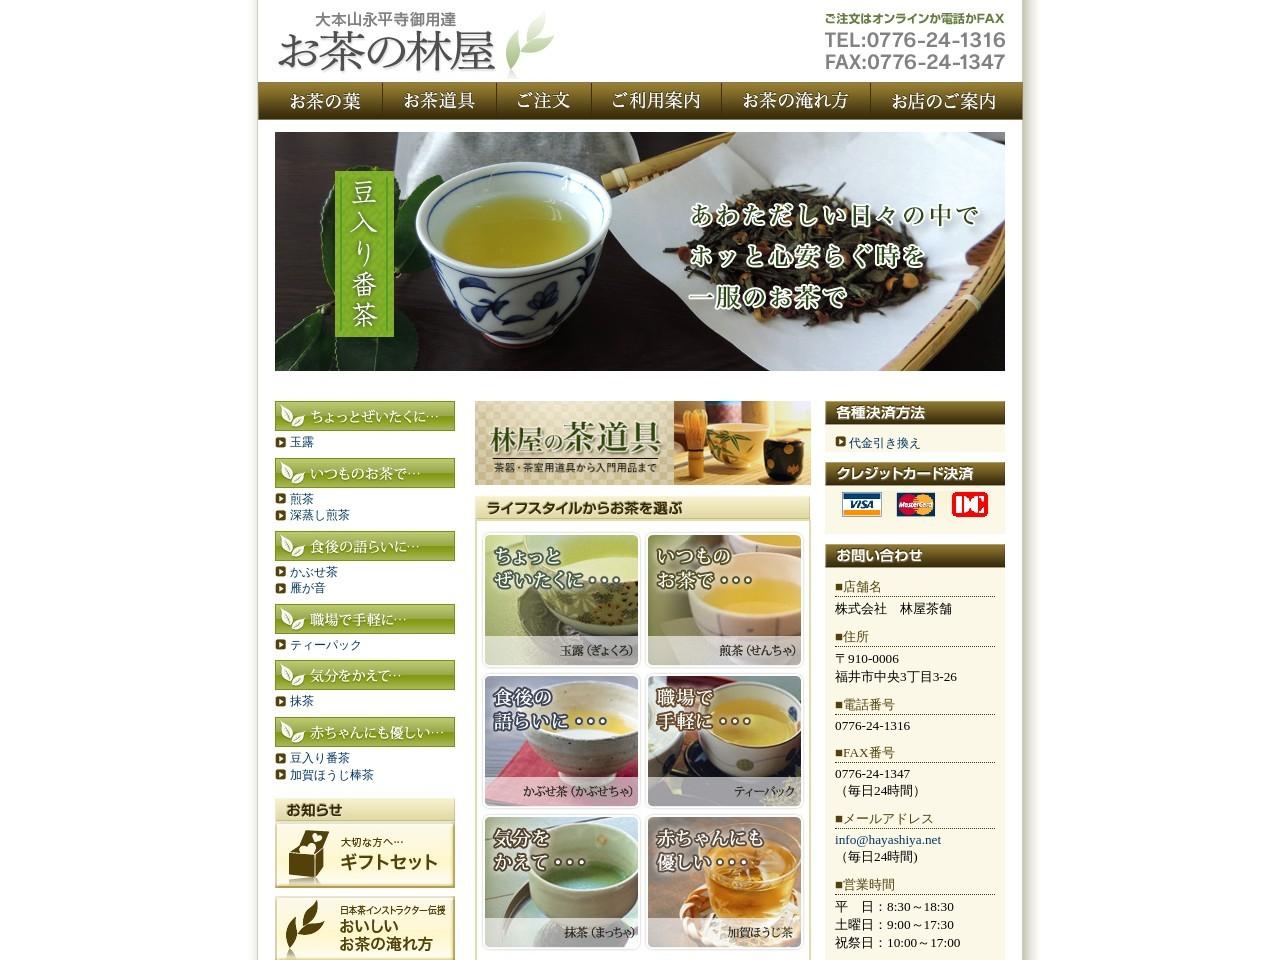 大本山永平寺御用達 日本茶インストラクター厳選のお茶を販売|お茶の林屋